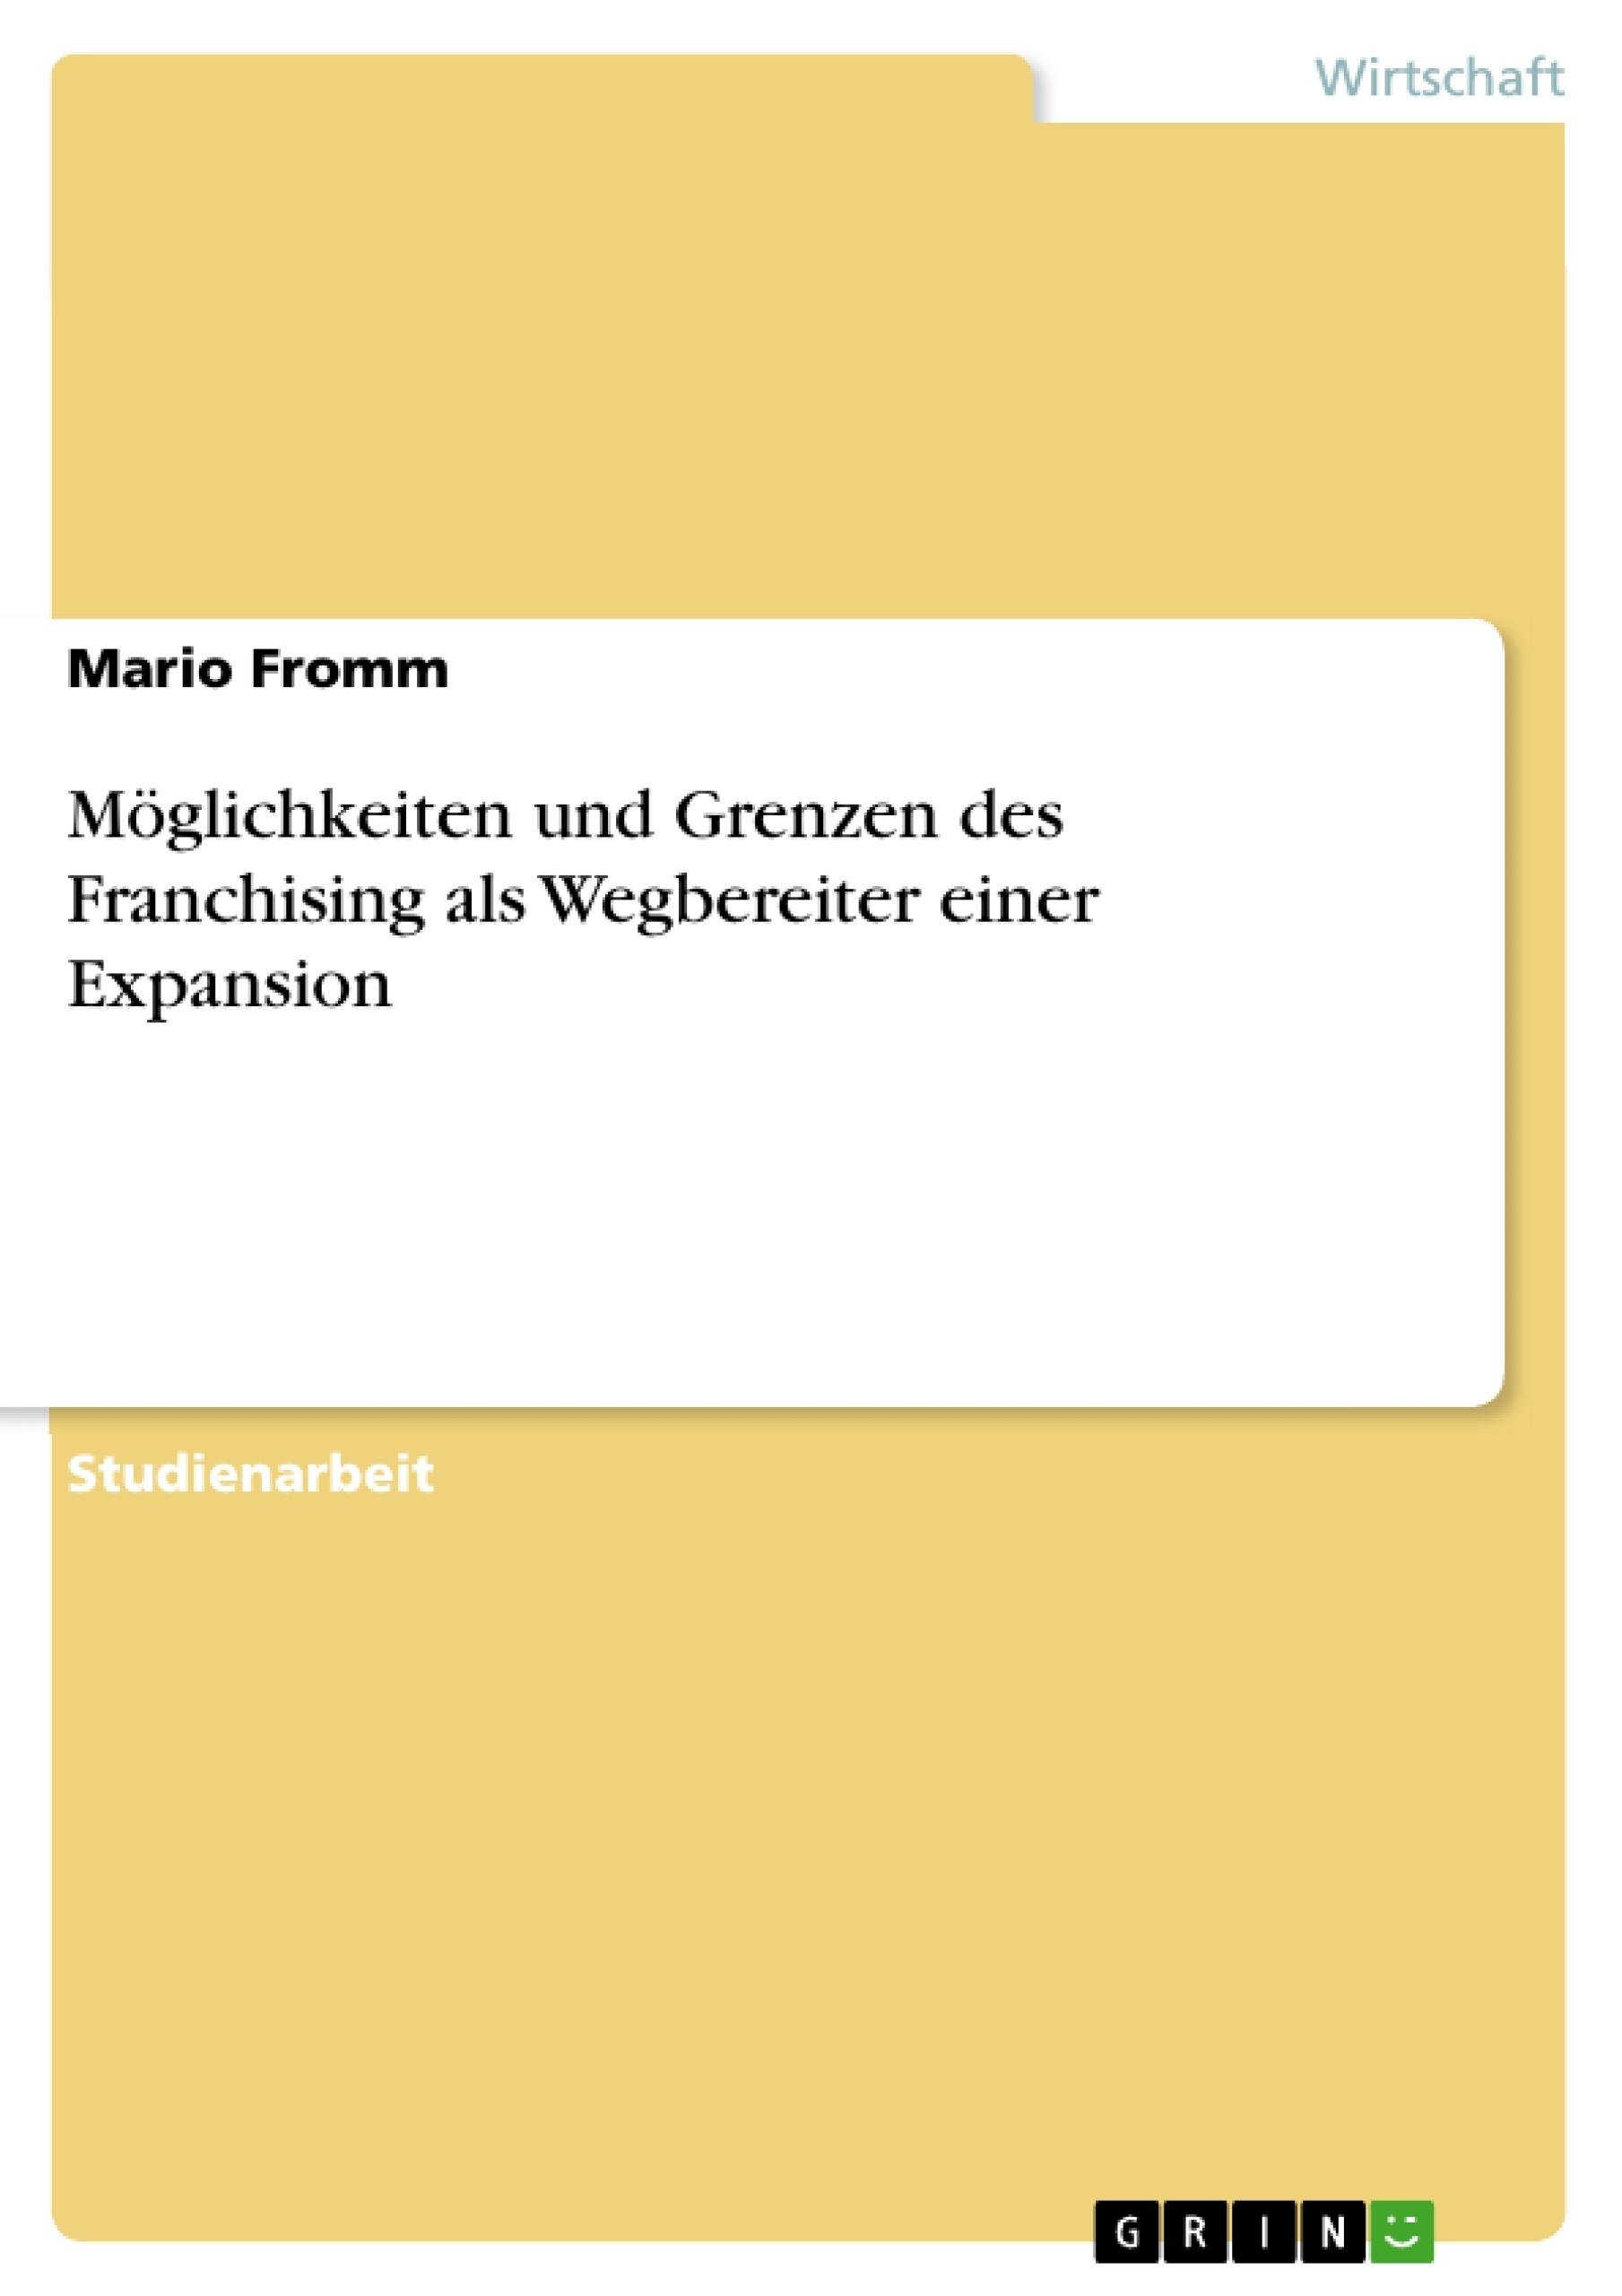 Titel: Möglichkeiten und Grenzen des Franchising als Wegbereiter einer Expansion